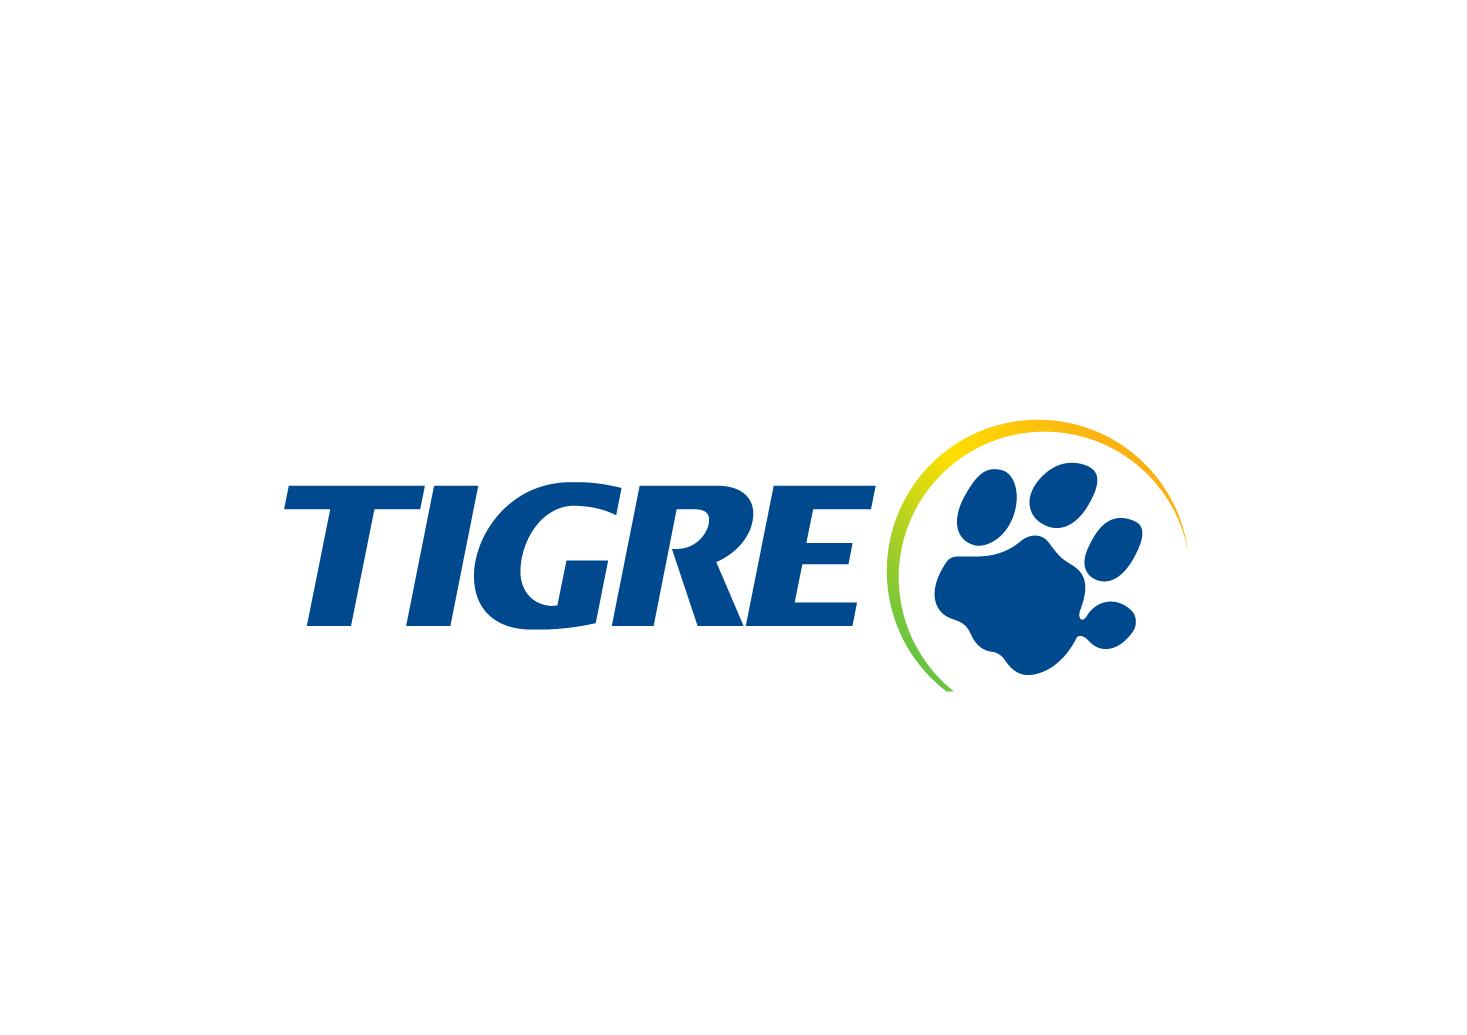 Logotipo AAAM Tigre